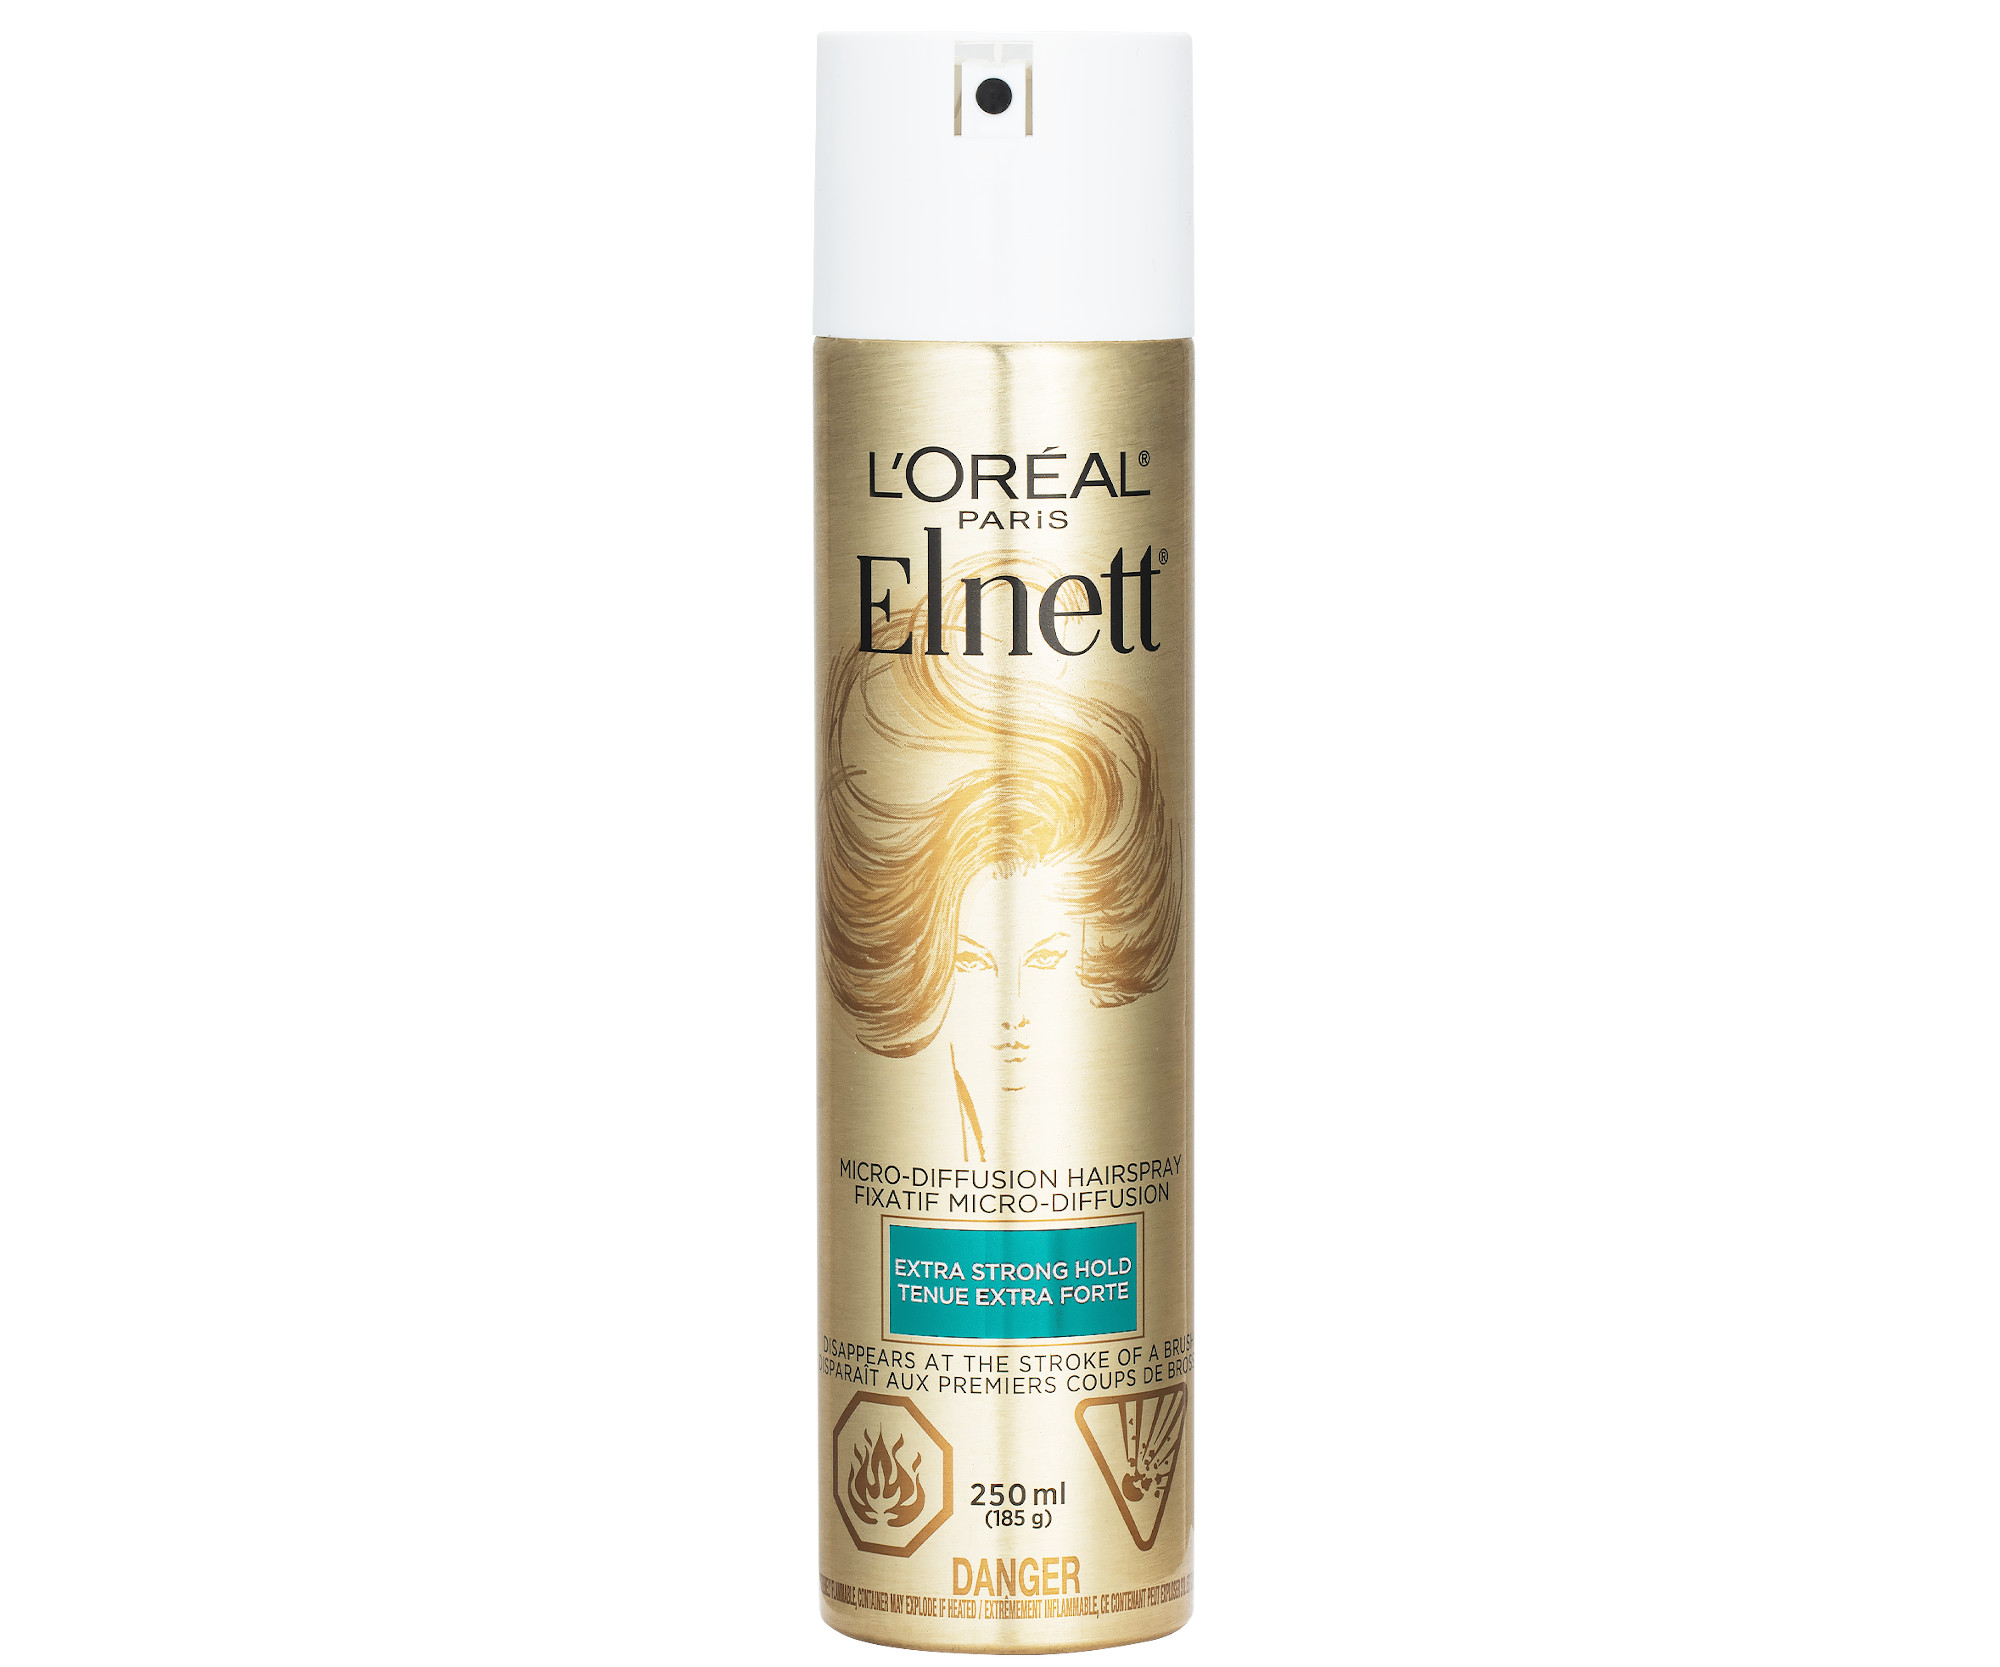 Lak na vlasy bez parfumace Loréal Paris Elnett Satin Extra Strong Hold - 250 ml (A7224313) - L'Oréal Paris + DÁREK ZDARMA